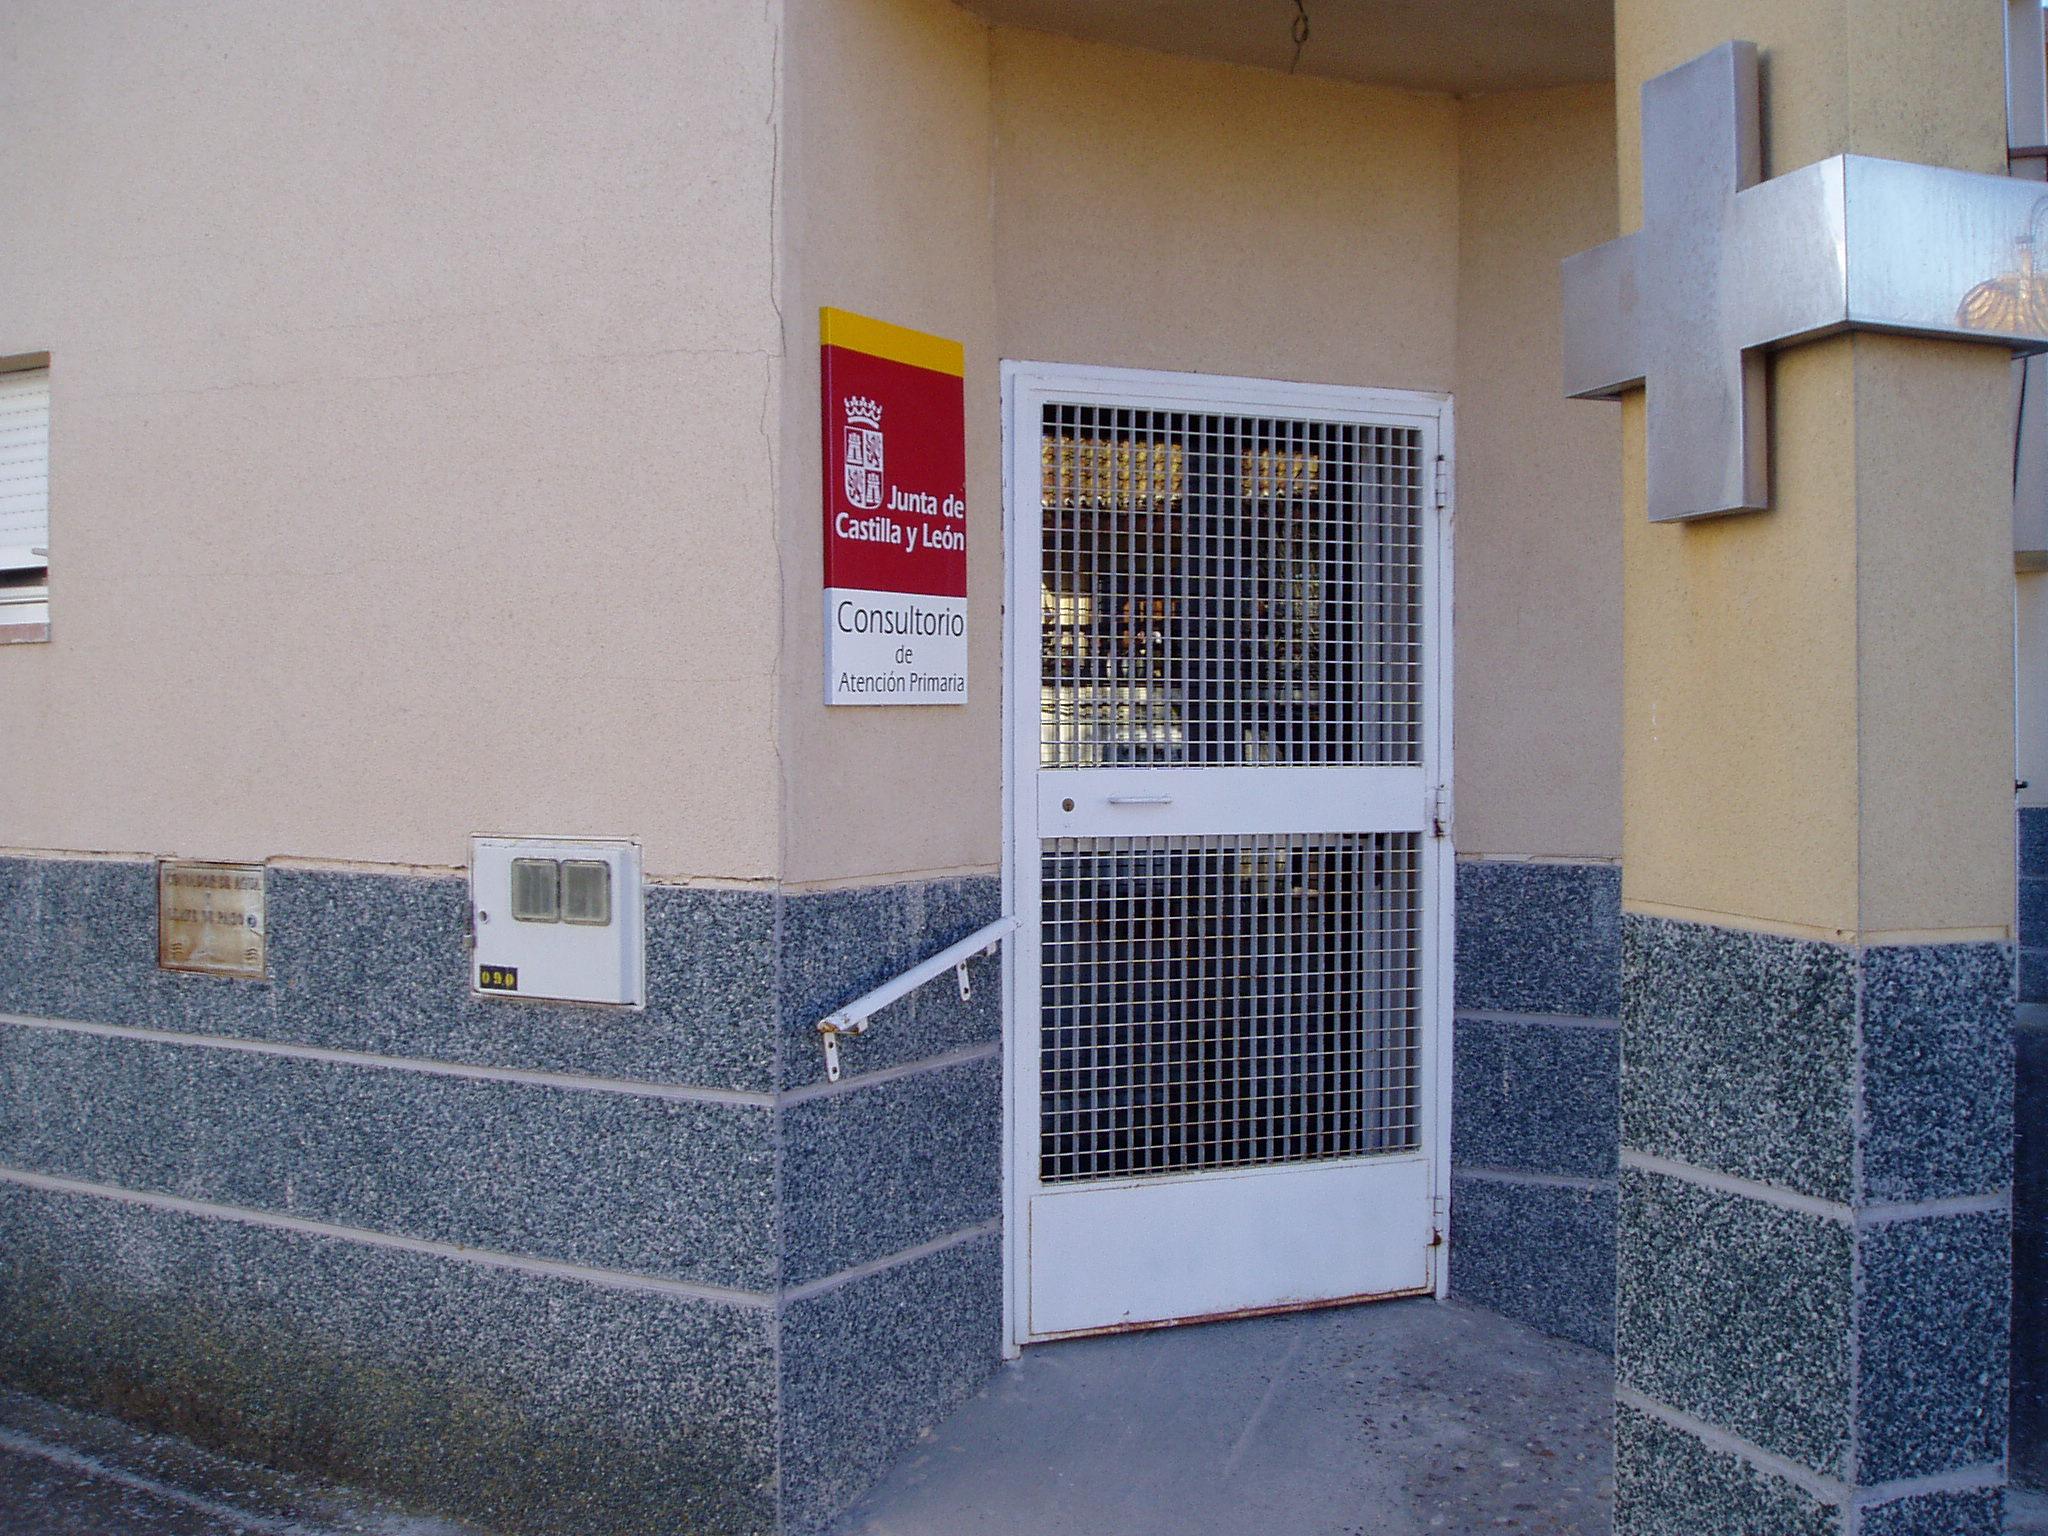 SUSPENDIDA LA ATENCIÓN PRESENCIAL EN EL CONSULTORIO MÉDICO